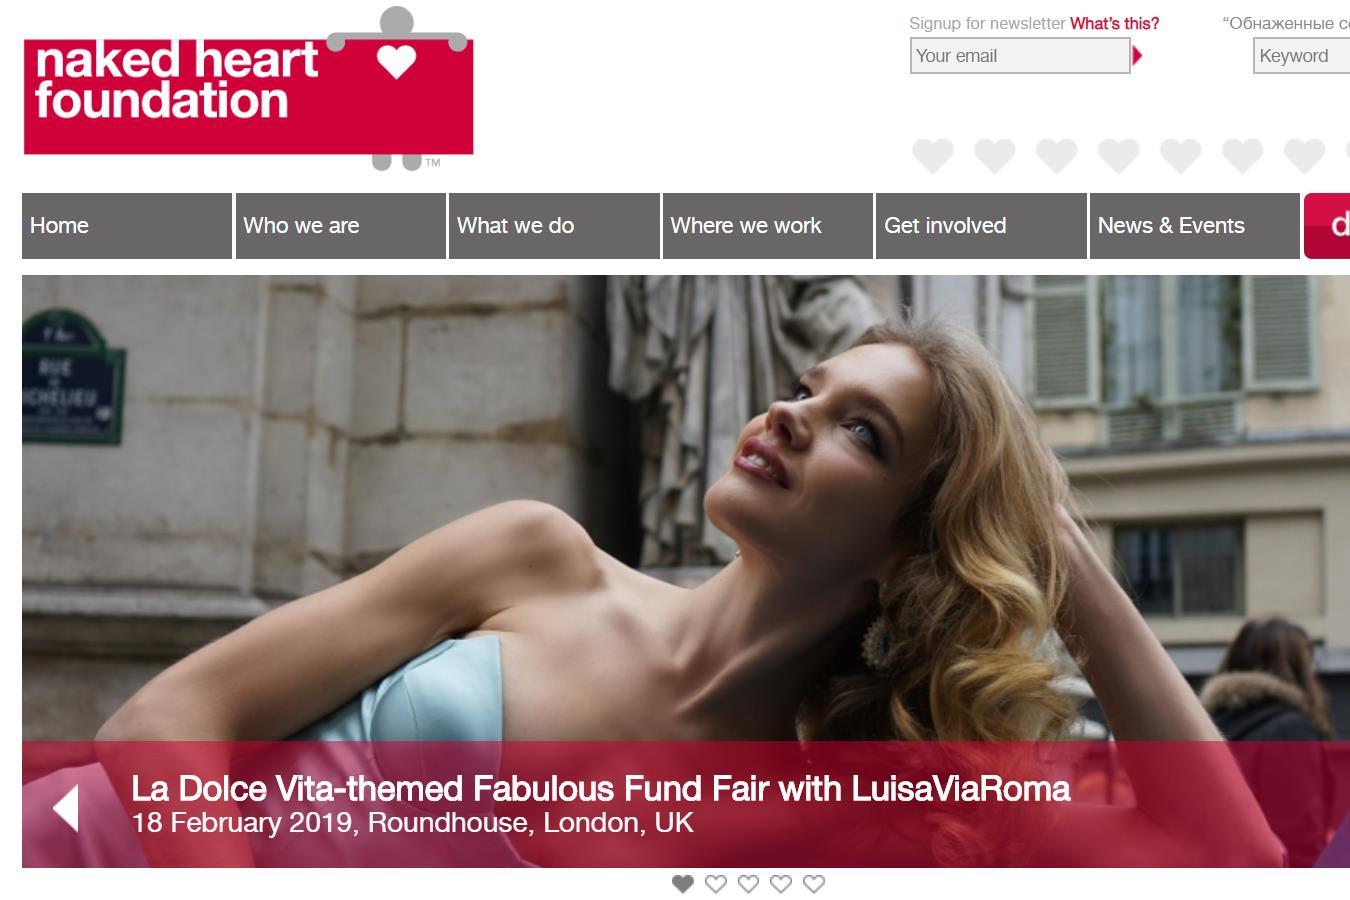 俄罗斯超模 Natalia Vodianova 创建的慈善基金会将携手意大利奢侈品电商 LuisaViaRoma 举办慈善晚会